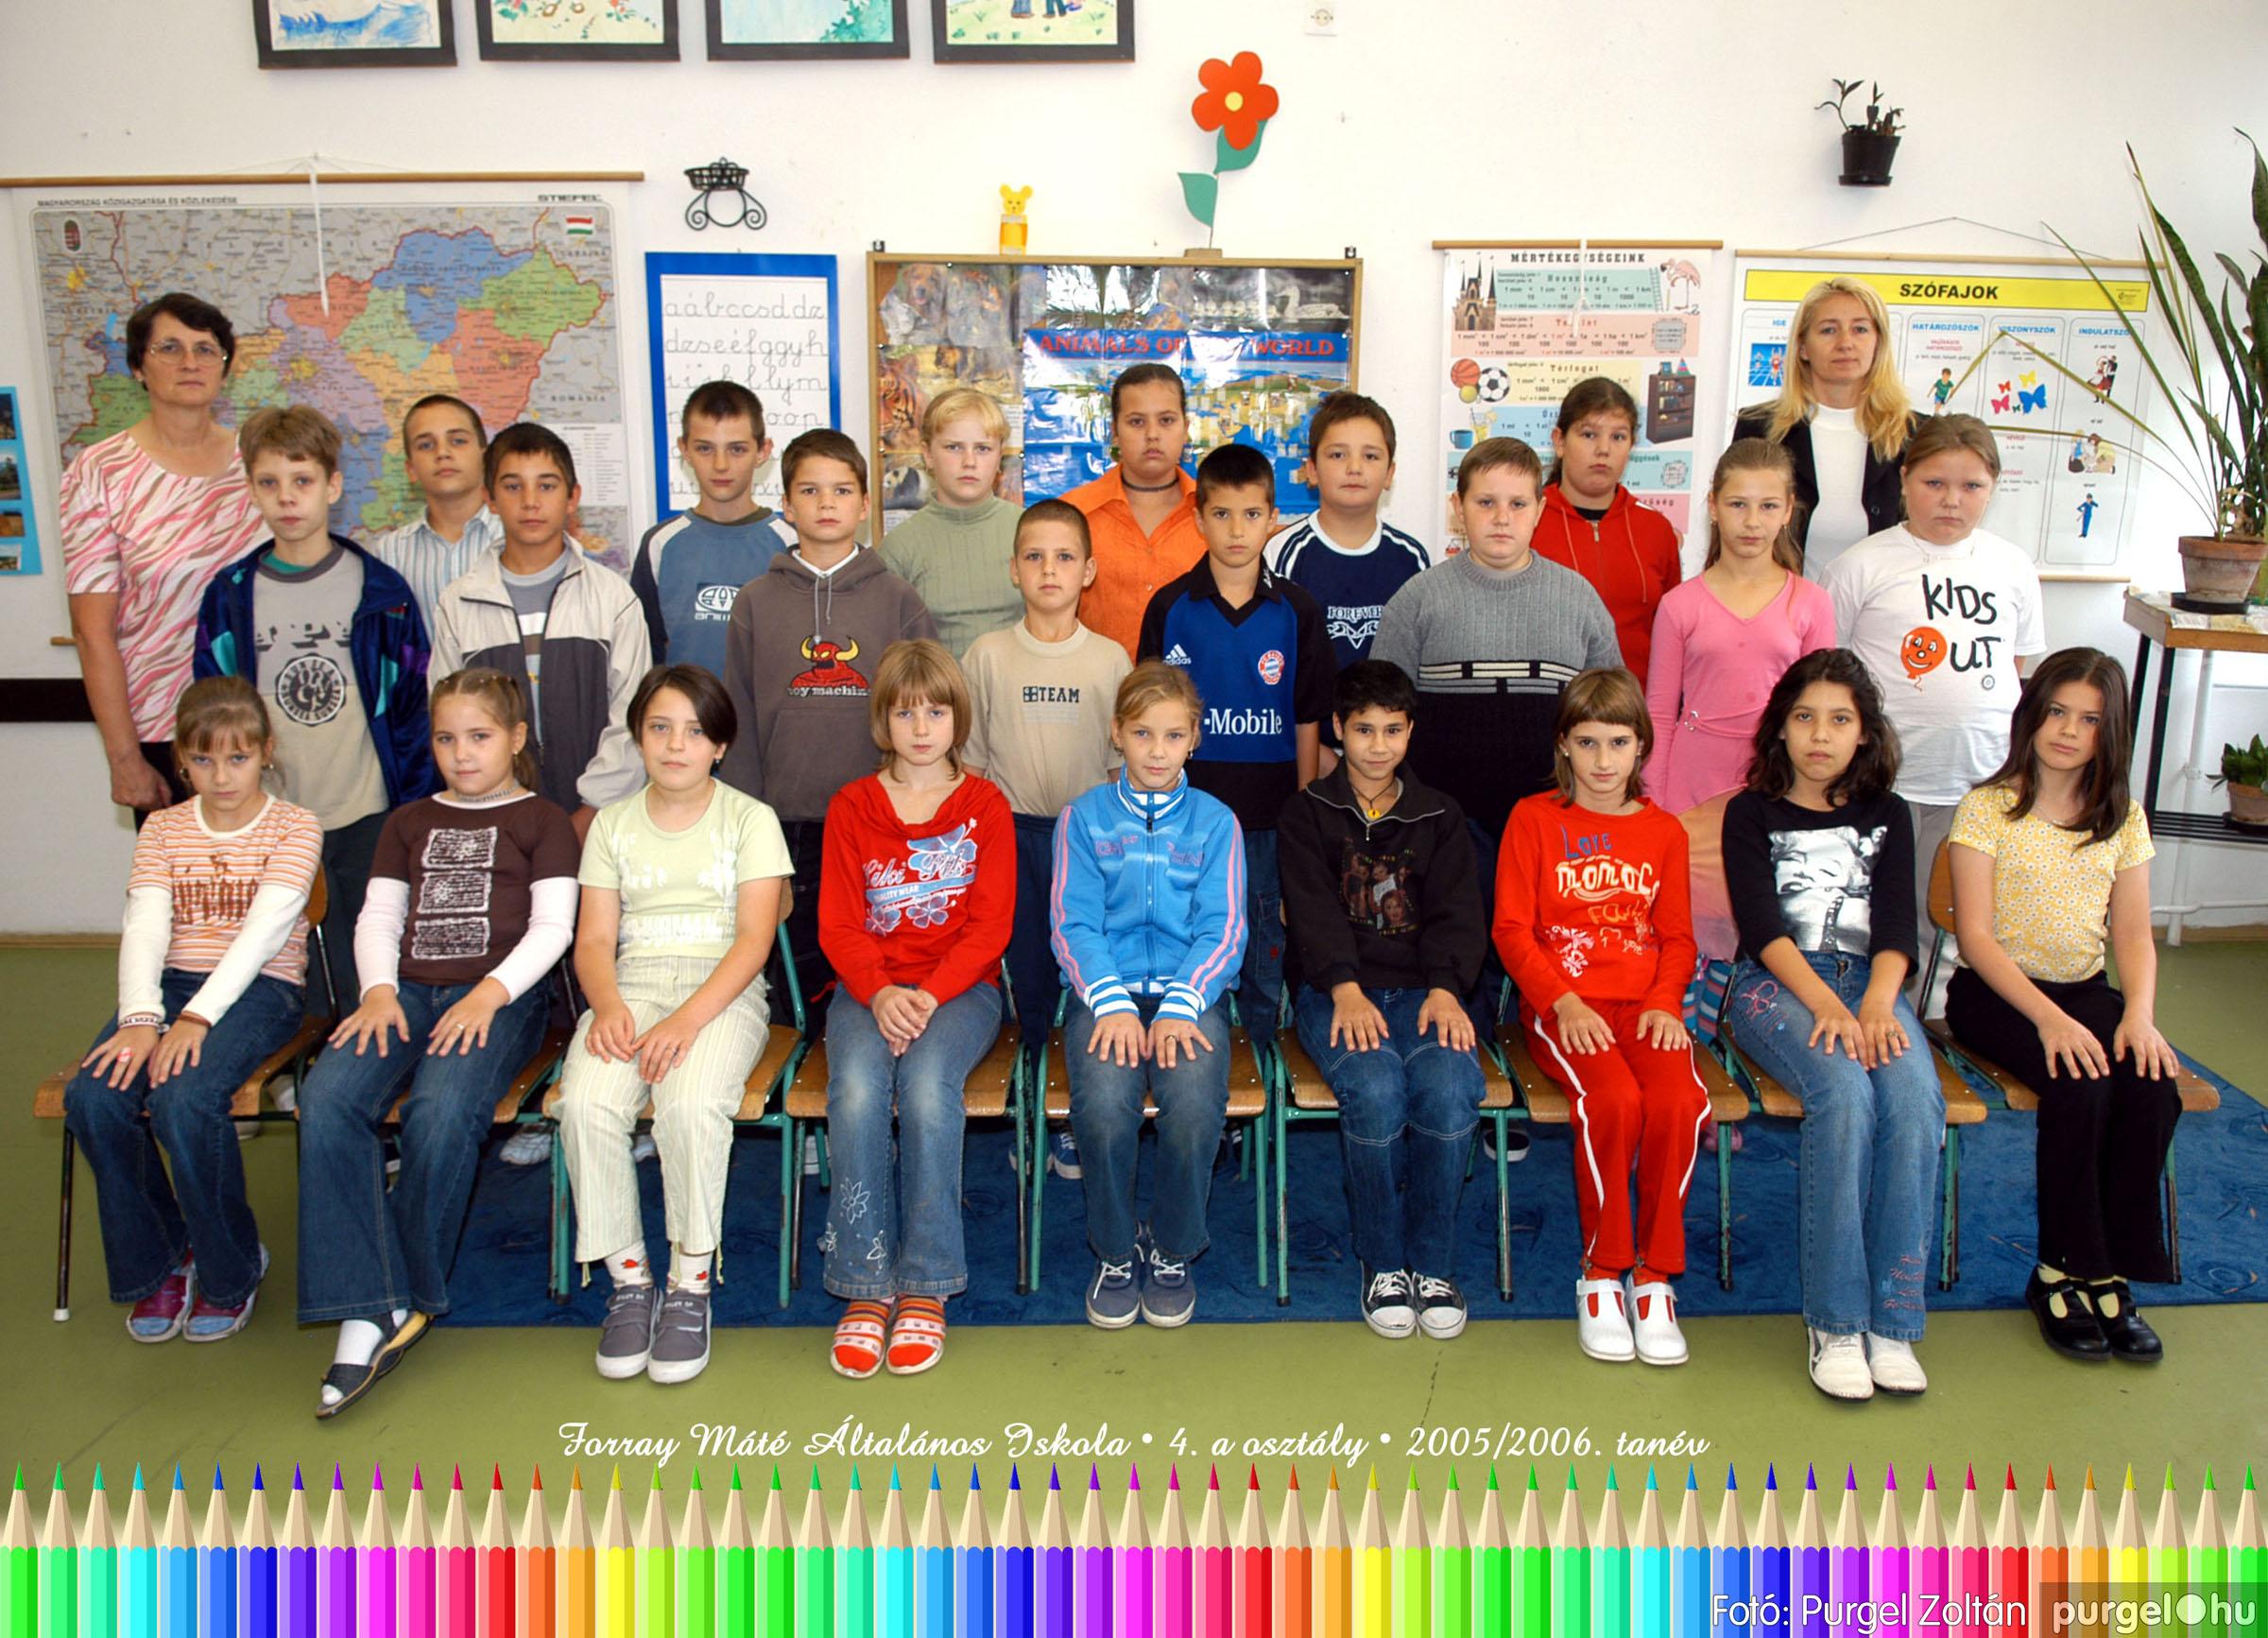 2005.09.21-10.06. 011 Forray Máté Általános Iskola osztályképek 2005. - Fotók:PURGEL ZOLTÁN© 4akomoly.jpg